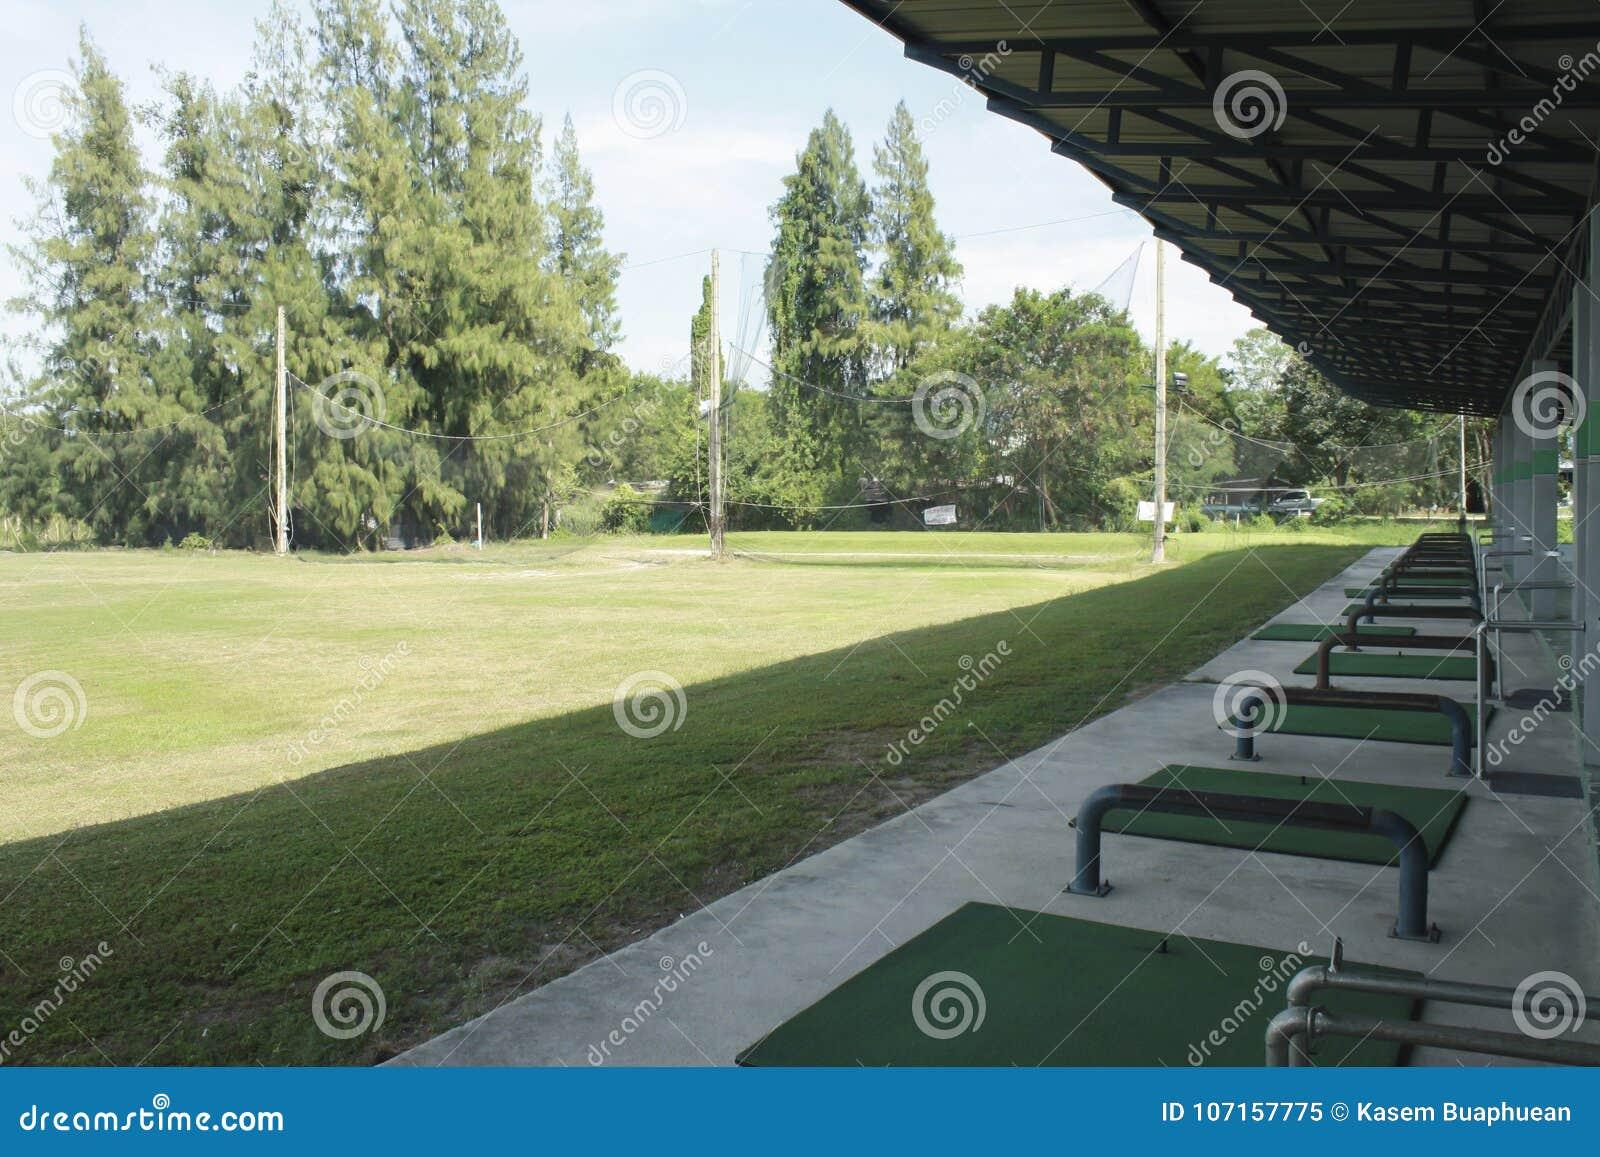 Terrain de golf et balles de golf sur le champ d exercice, vue d un terrain de golf